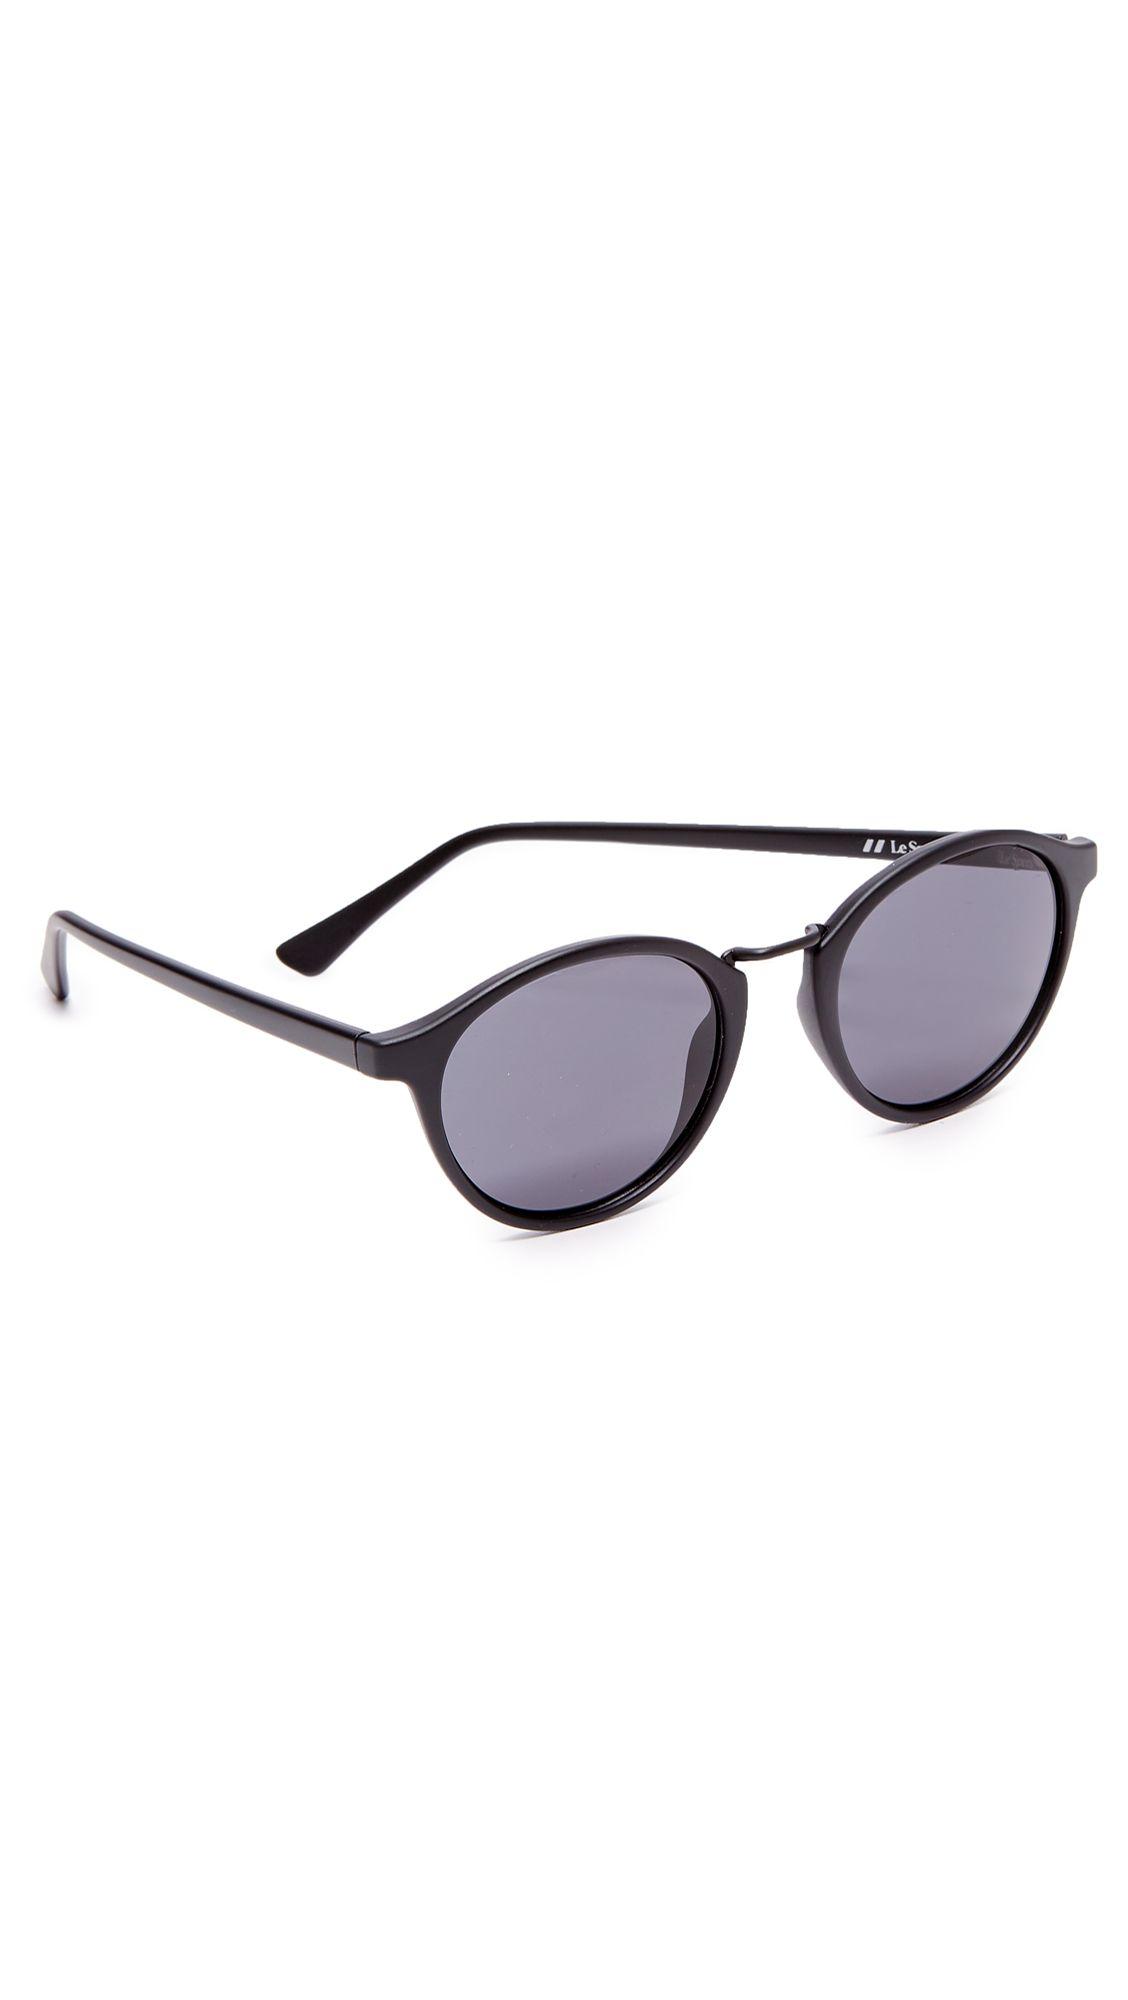 a9dc8ef751e LE SPECS Paradox Sunglasses.  lespecs  sunglasses